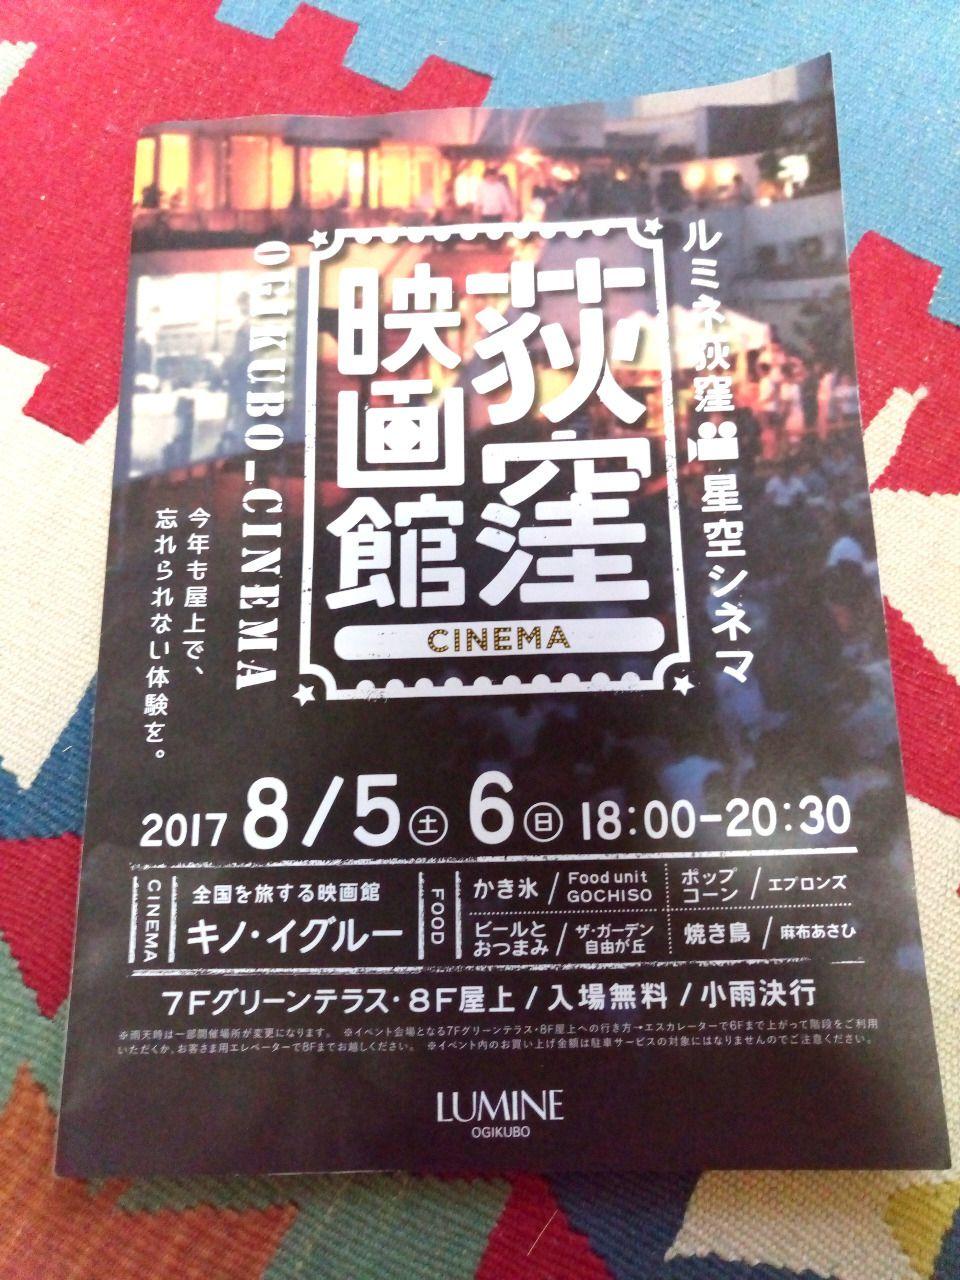 荻窪映画館